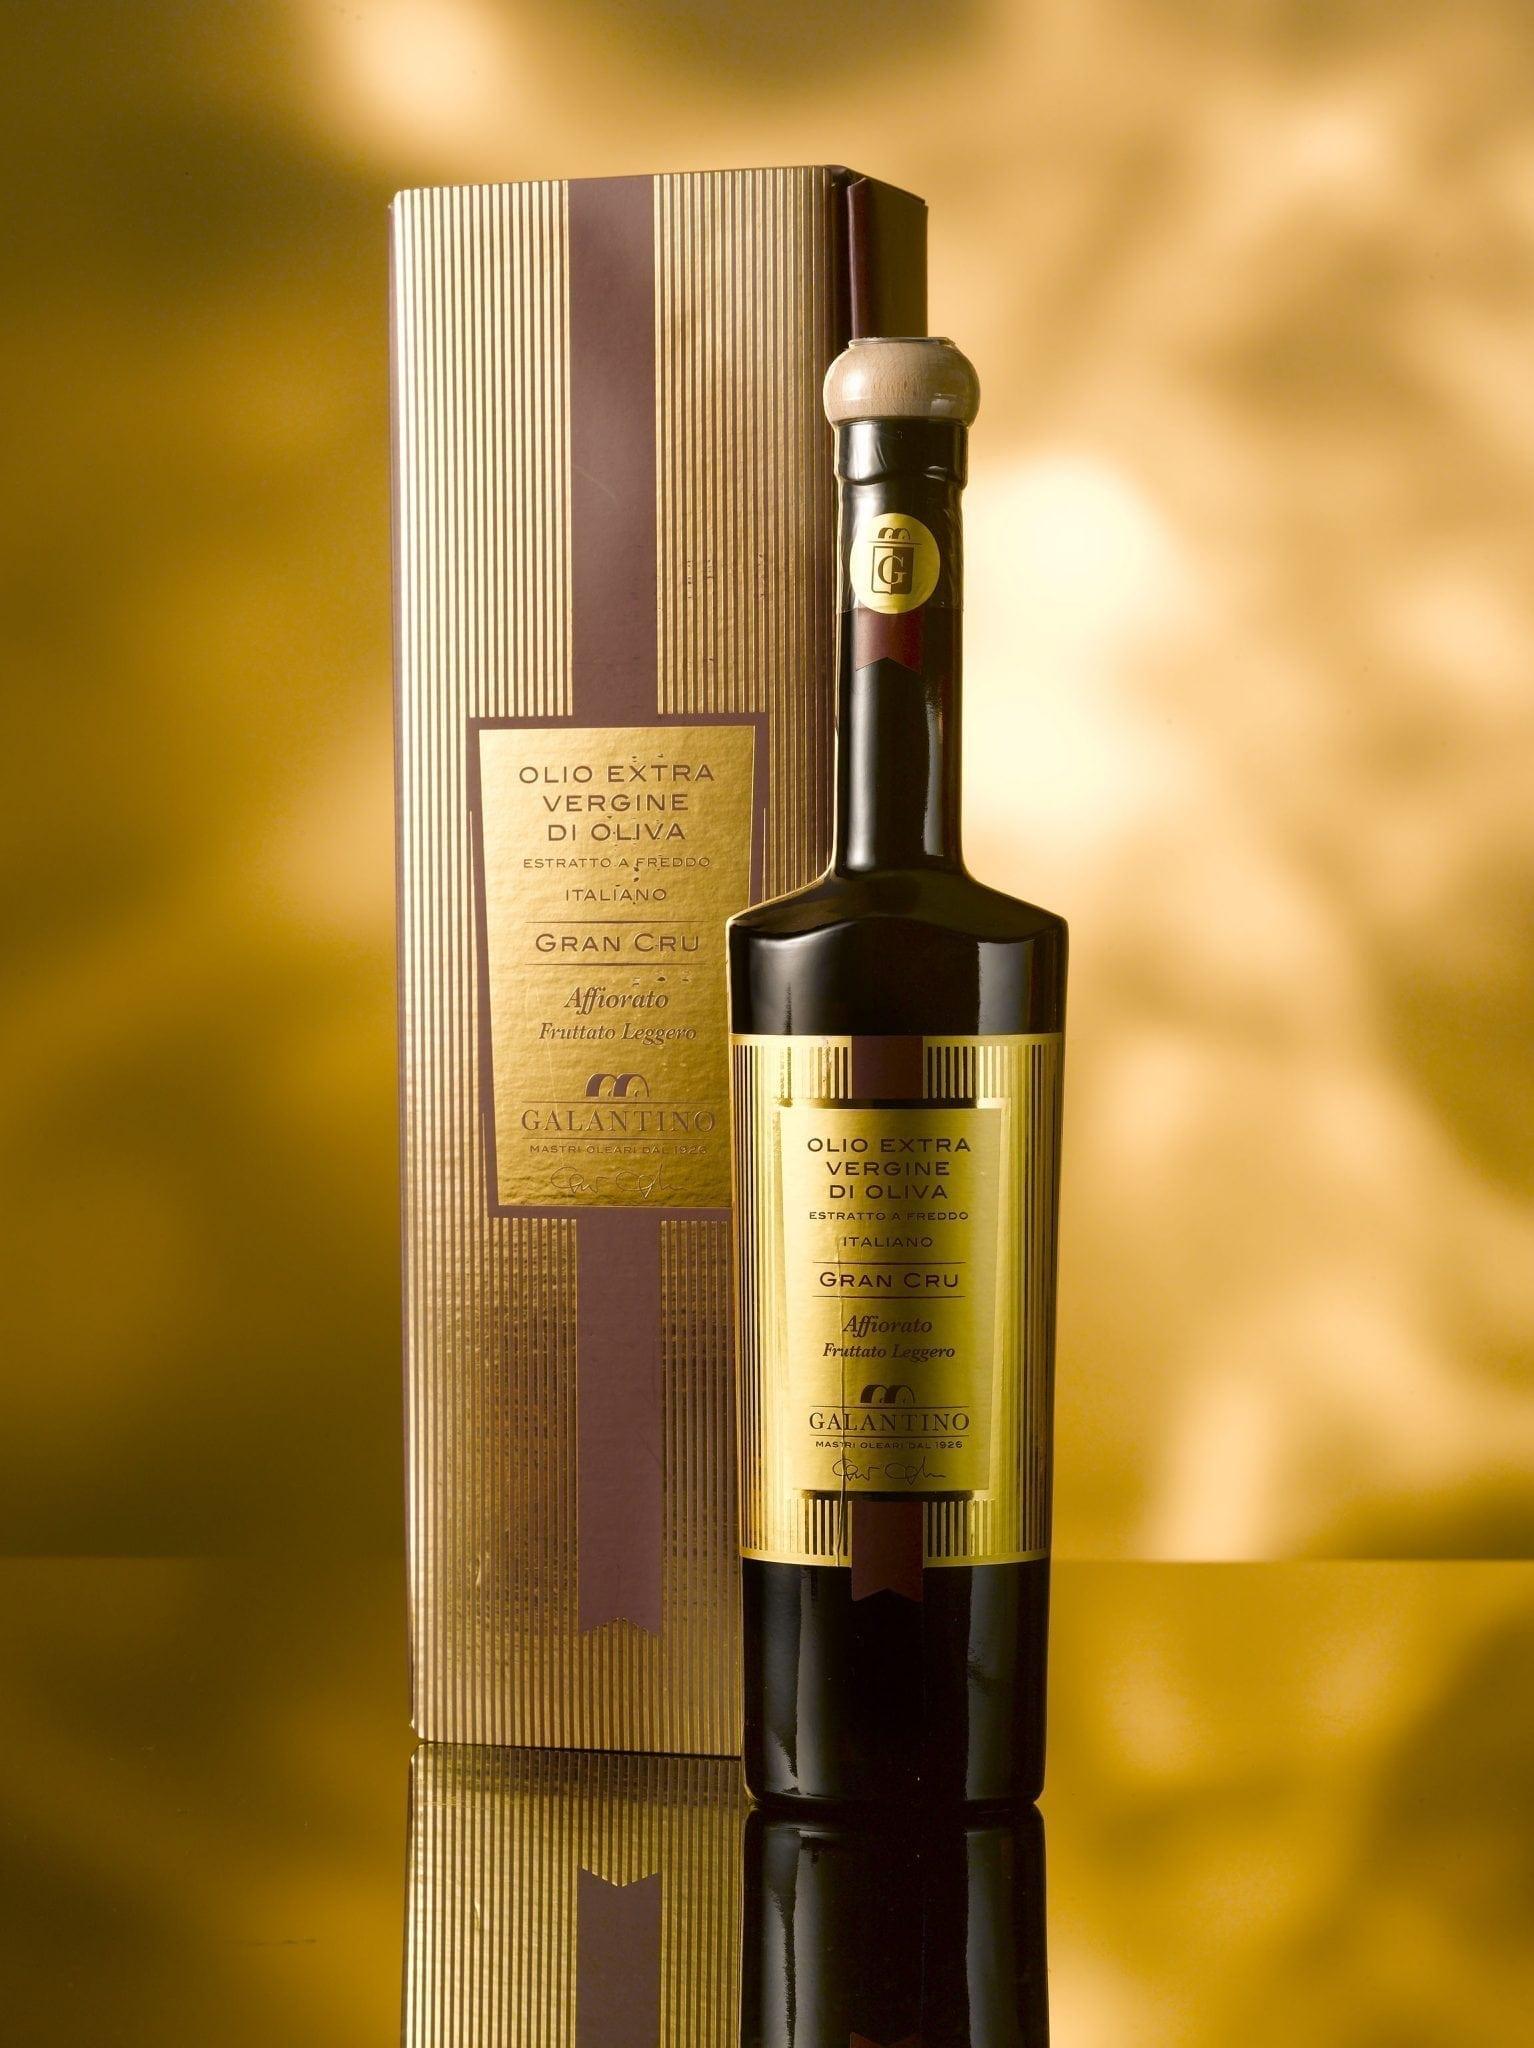 Grand cru in box,  gelimiteerde oplage olijfolie, 500ml